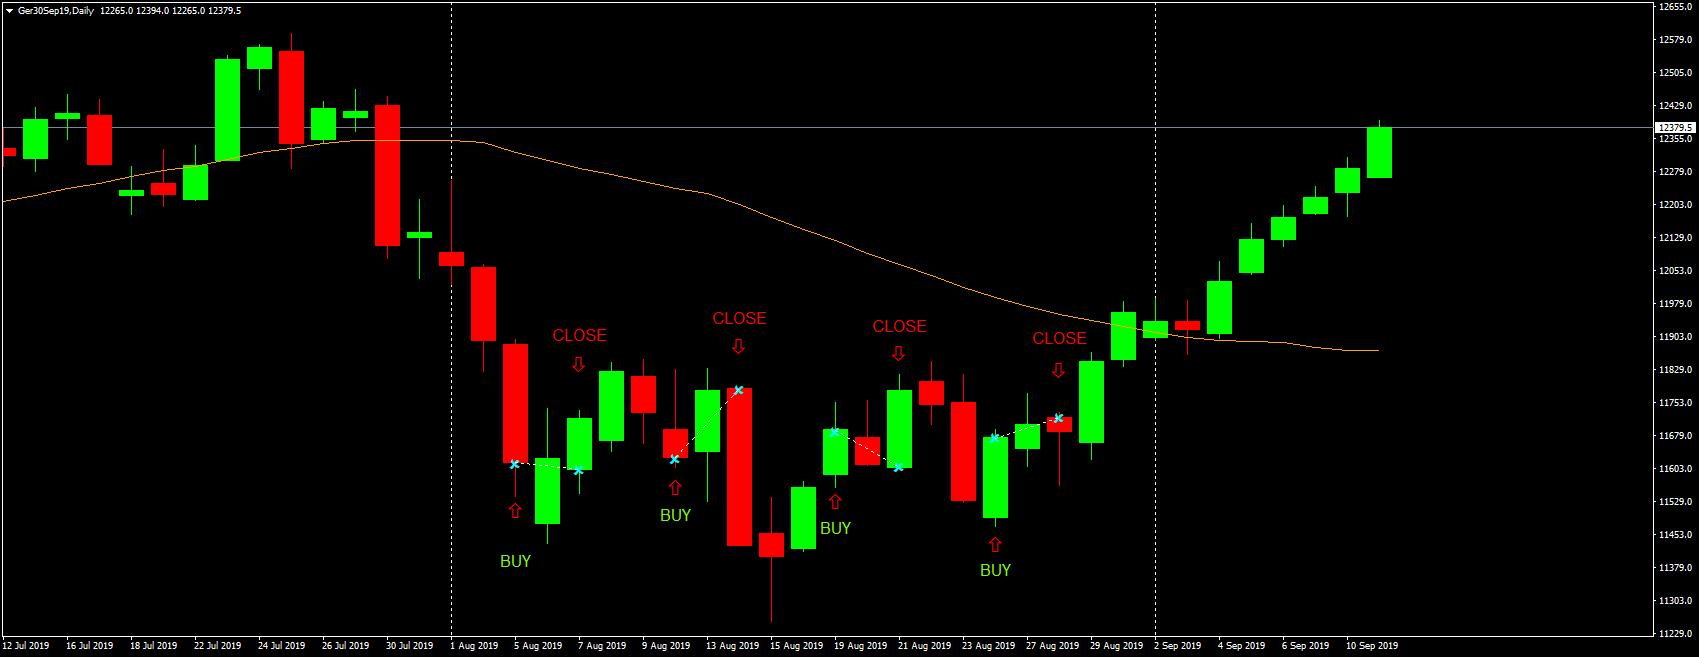 Beispiel Swing Trading Strategie Turnaround Tuesday